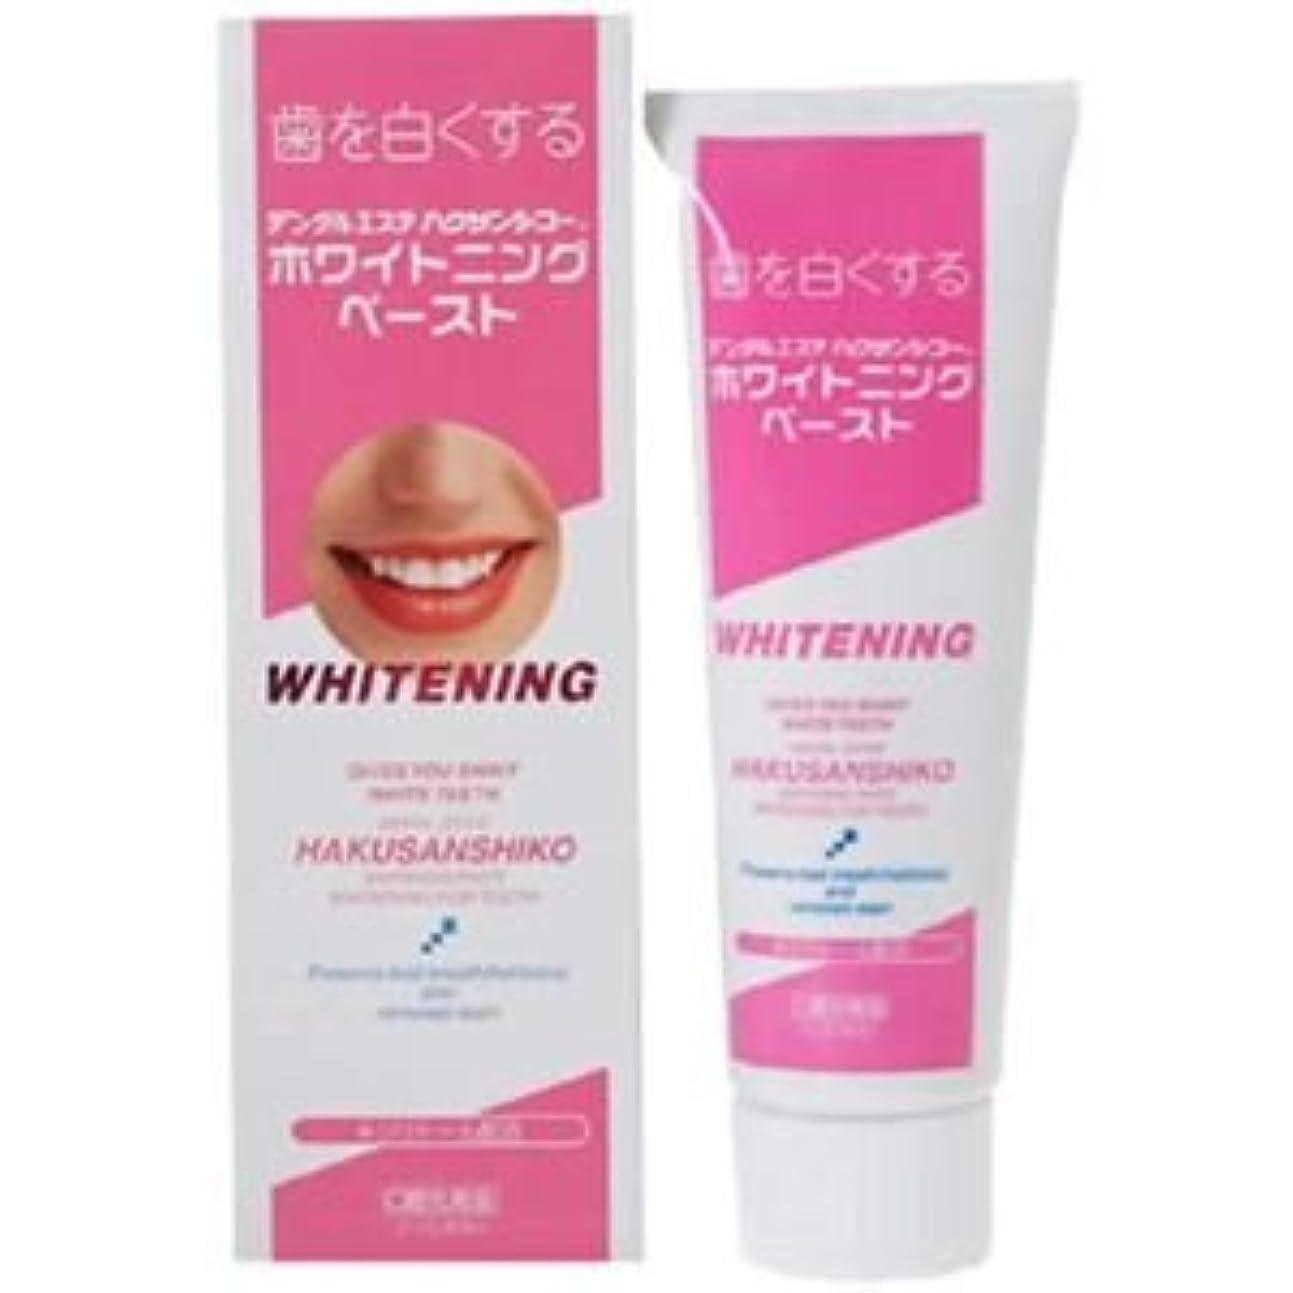 宝キャプションポテトハクサンシコー ホワイトニングペースト 90g【2セット】